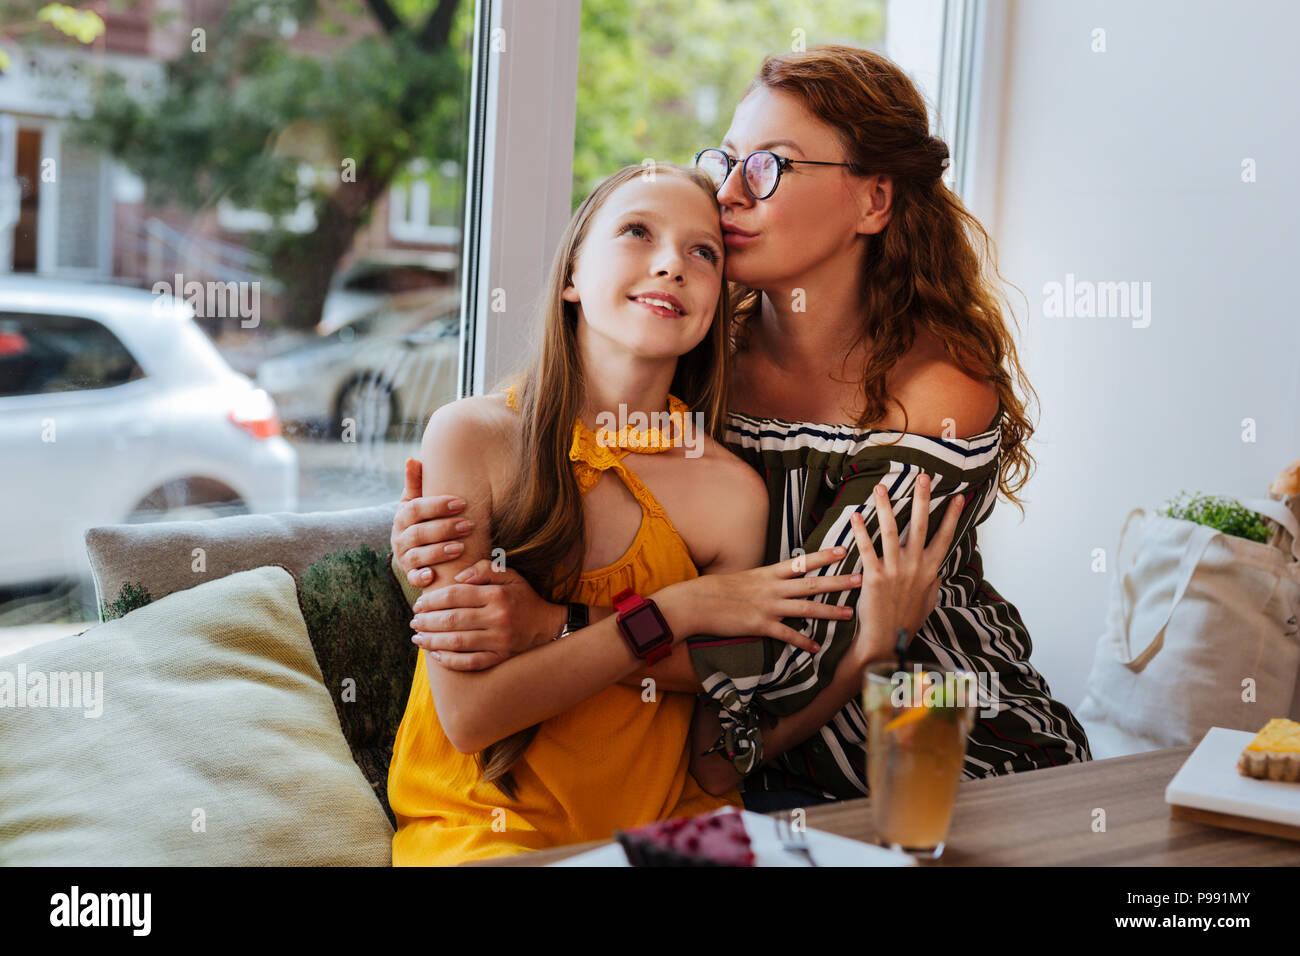 Prendre soin de l'embrasser la mère élégante fille séduisante Photo Stock